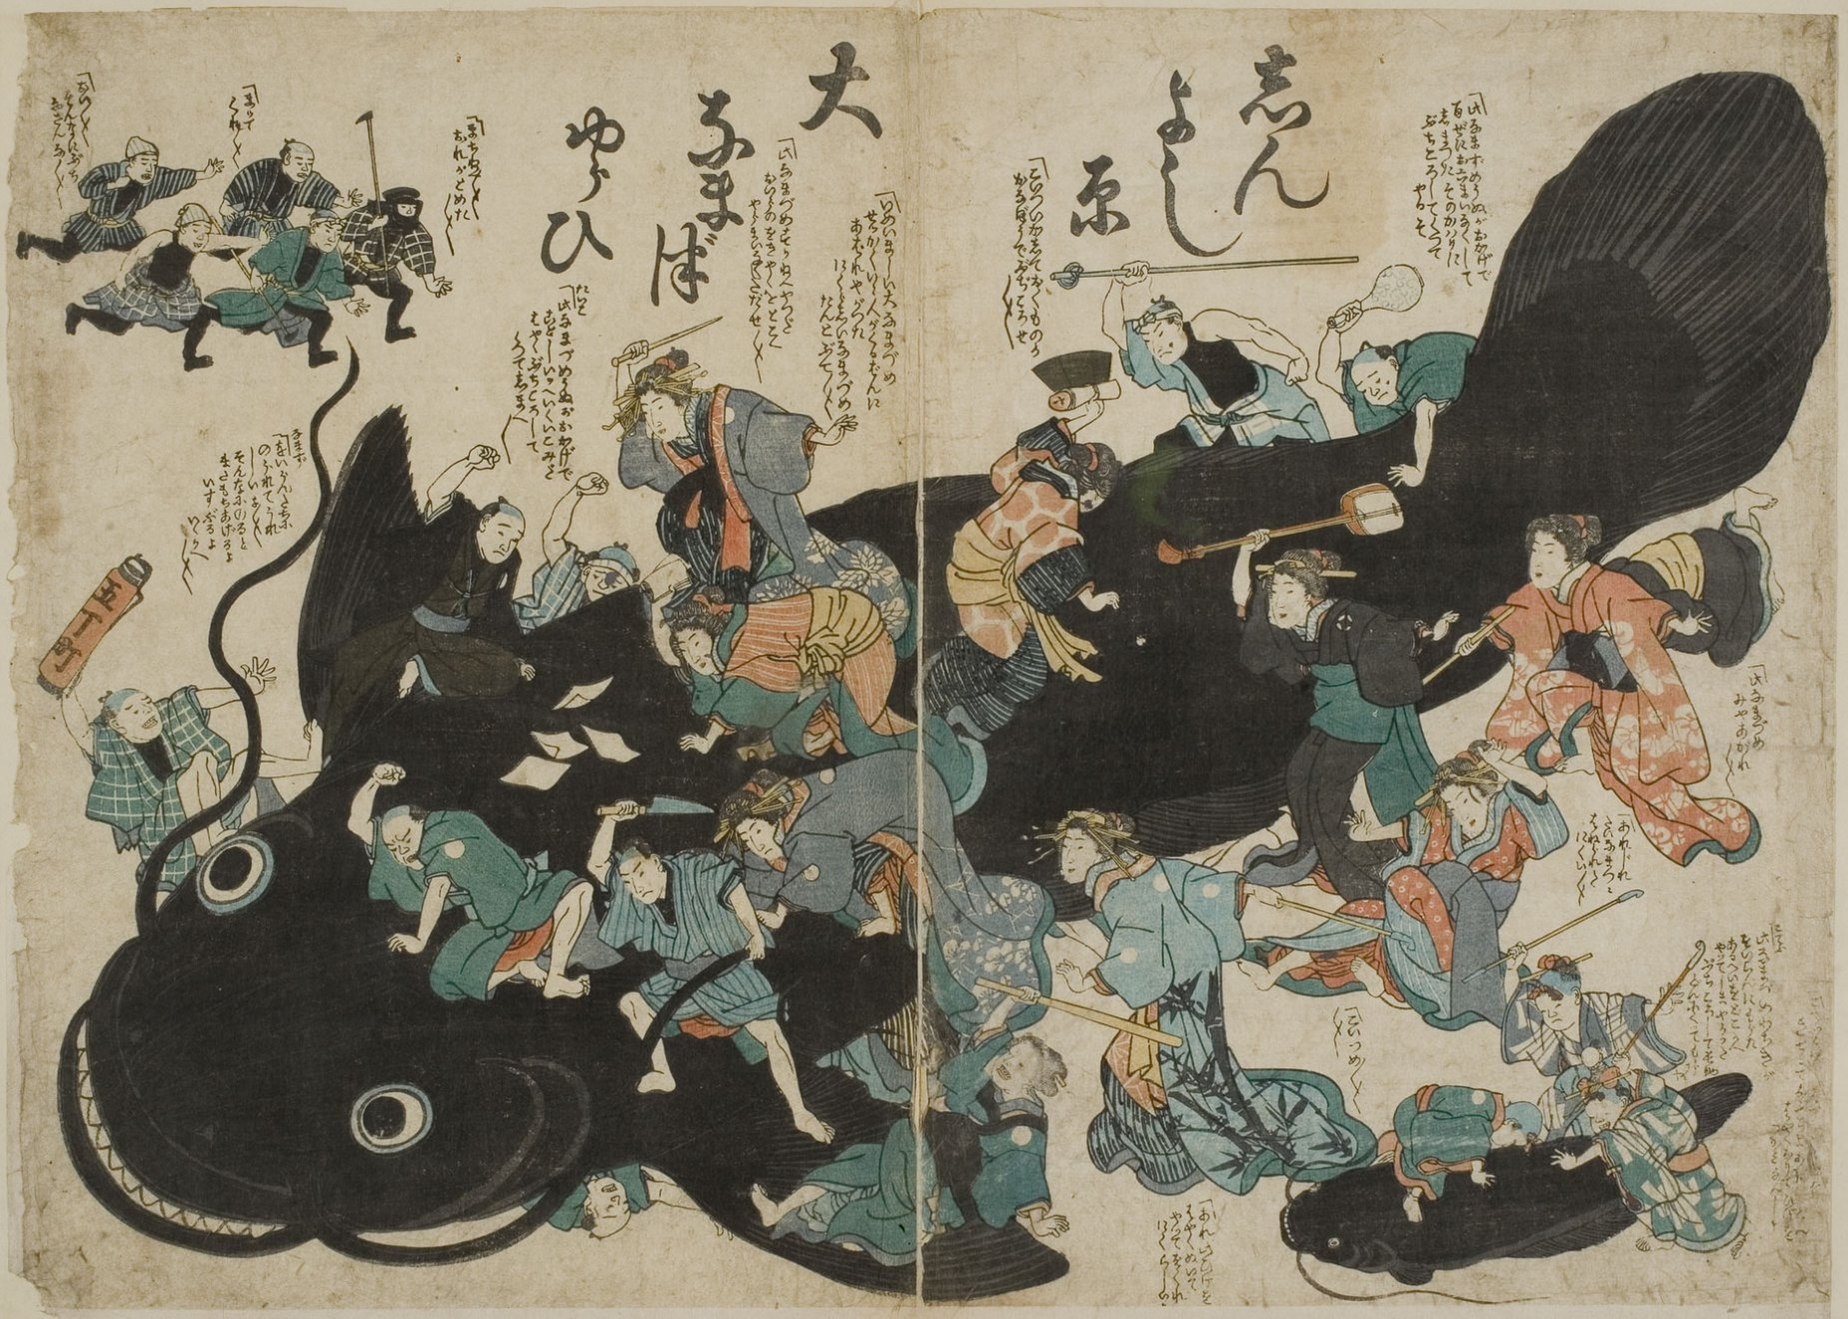 Namazu (Japanese mythology) - The complete information and